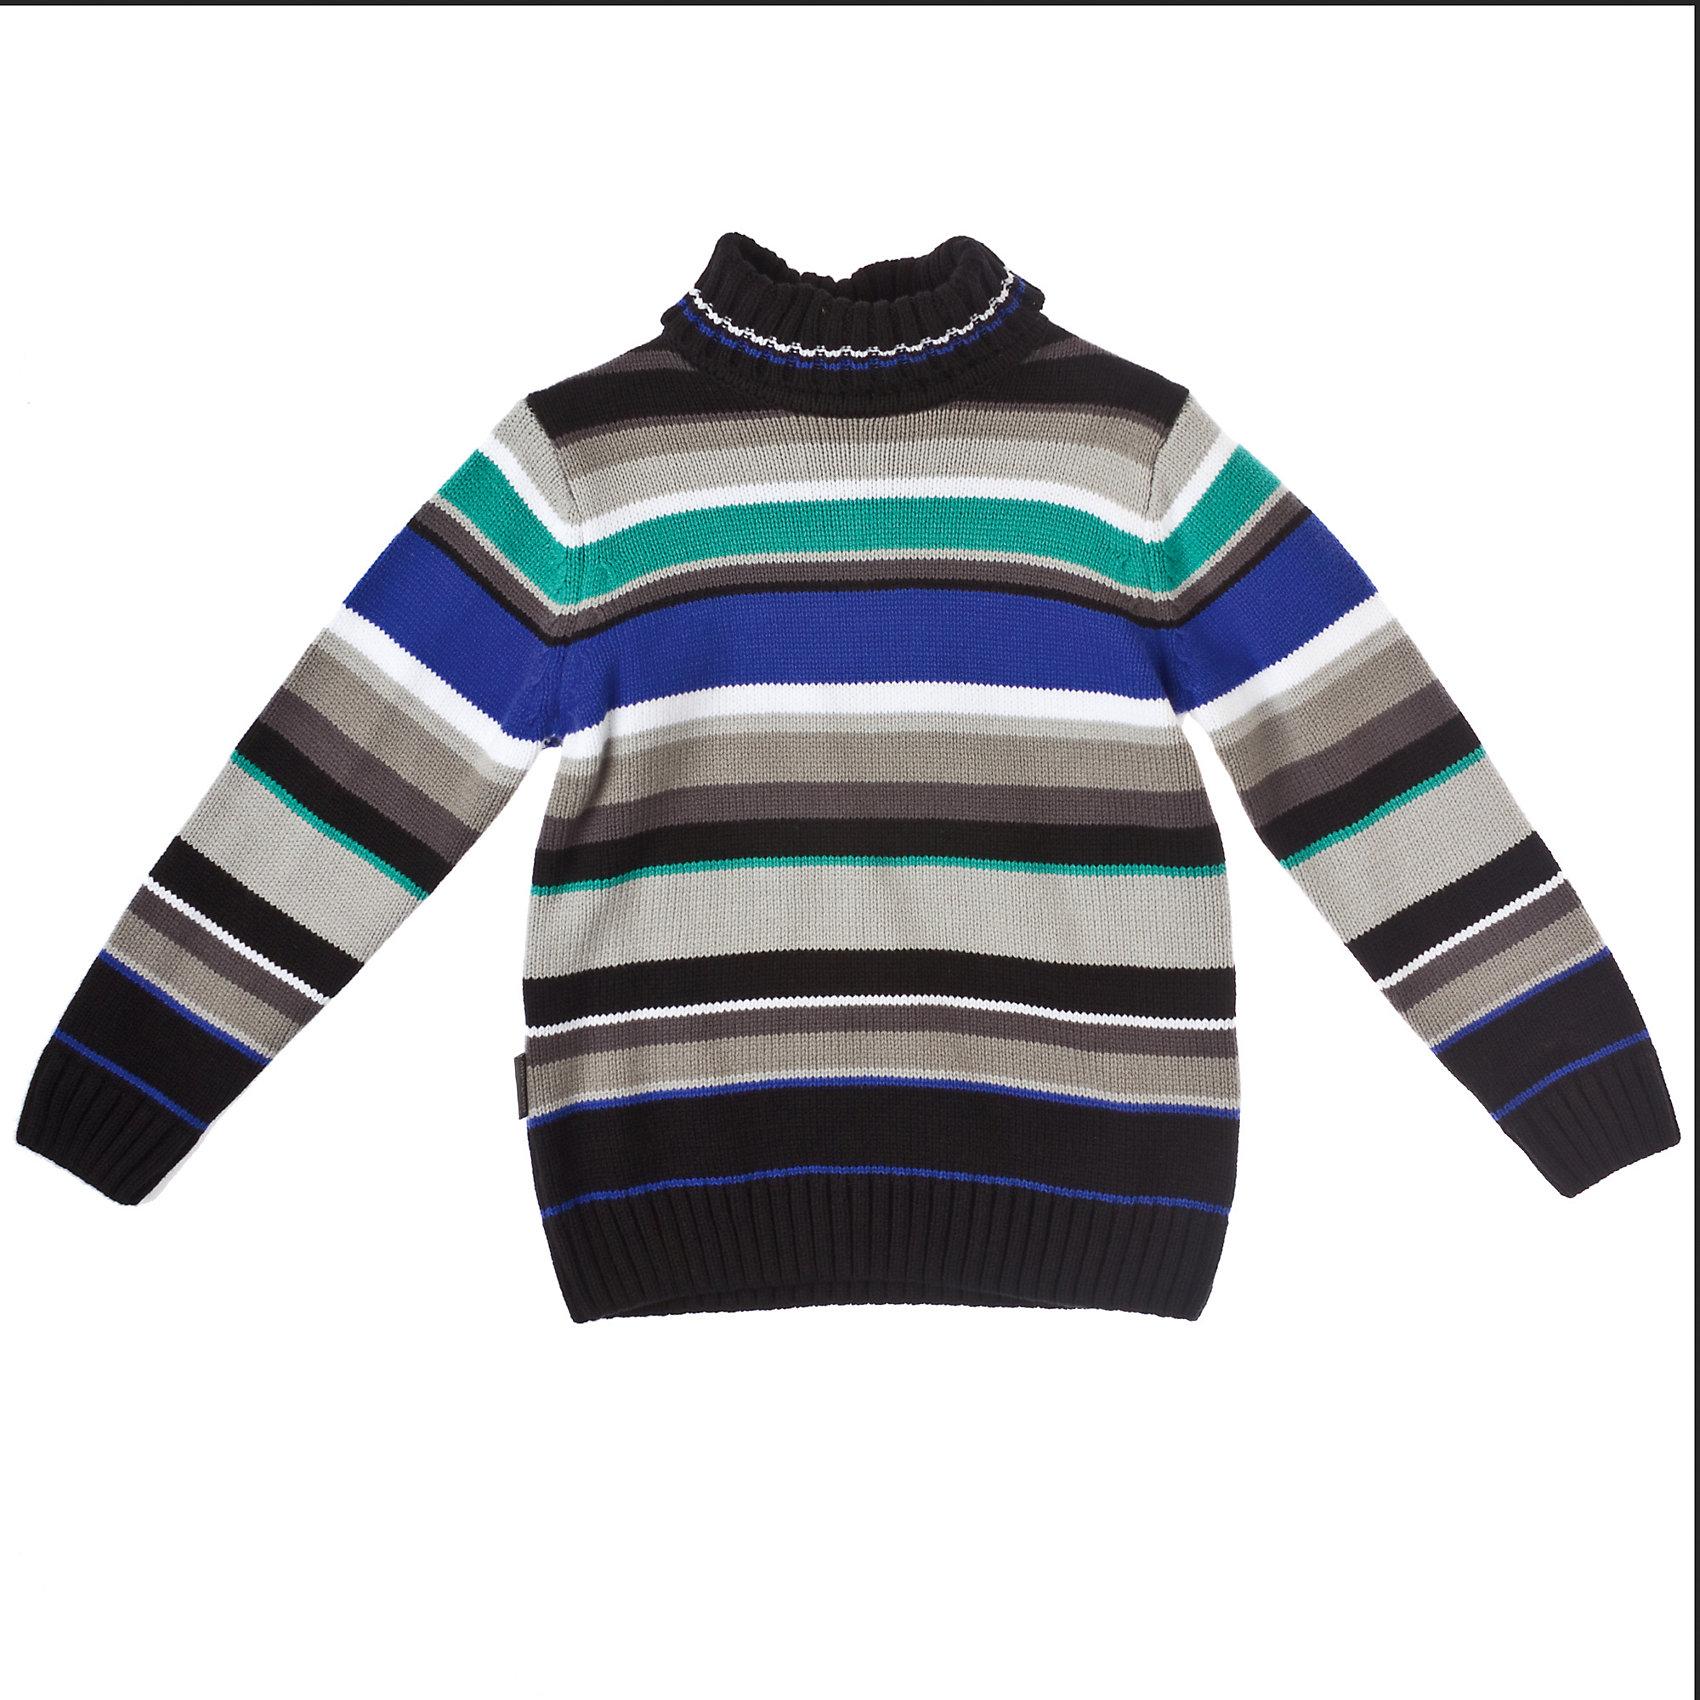 Свитер для мальчика PlayTodayСвитера и кардиганы<br>Свитер для мальчика PlayToday Теплый вязаный свитер в полоску на каждый день. <br>Высокий отложной ворот. Состав: 60% хлопок, 40% акрил<br><br>Ширина мм: 190<br>Глубина мм: 74<br>Высота мм: 229<br>Вес г: 236<br>Цвет: разноцветный<br>Возраст от месяцев: 24<br>Возраст до месяцев: 36<br>Пол: Мужской<br>Возраст: Детский<br>Размер: 98,128,110,122,116,104<br>SKU: 4227777